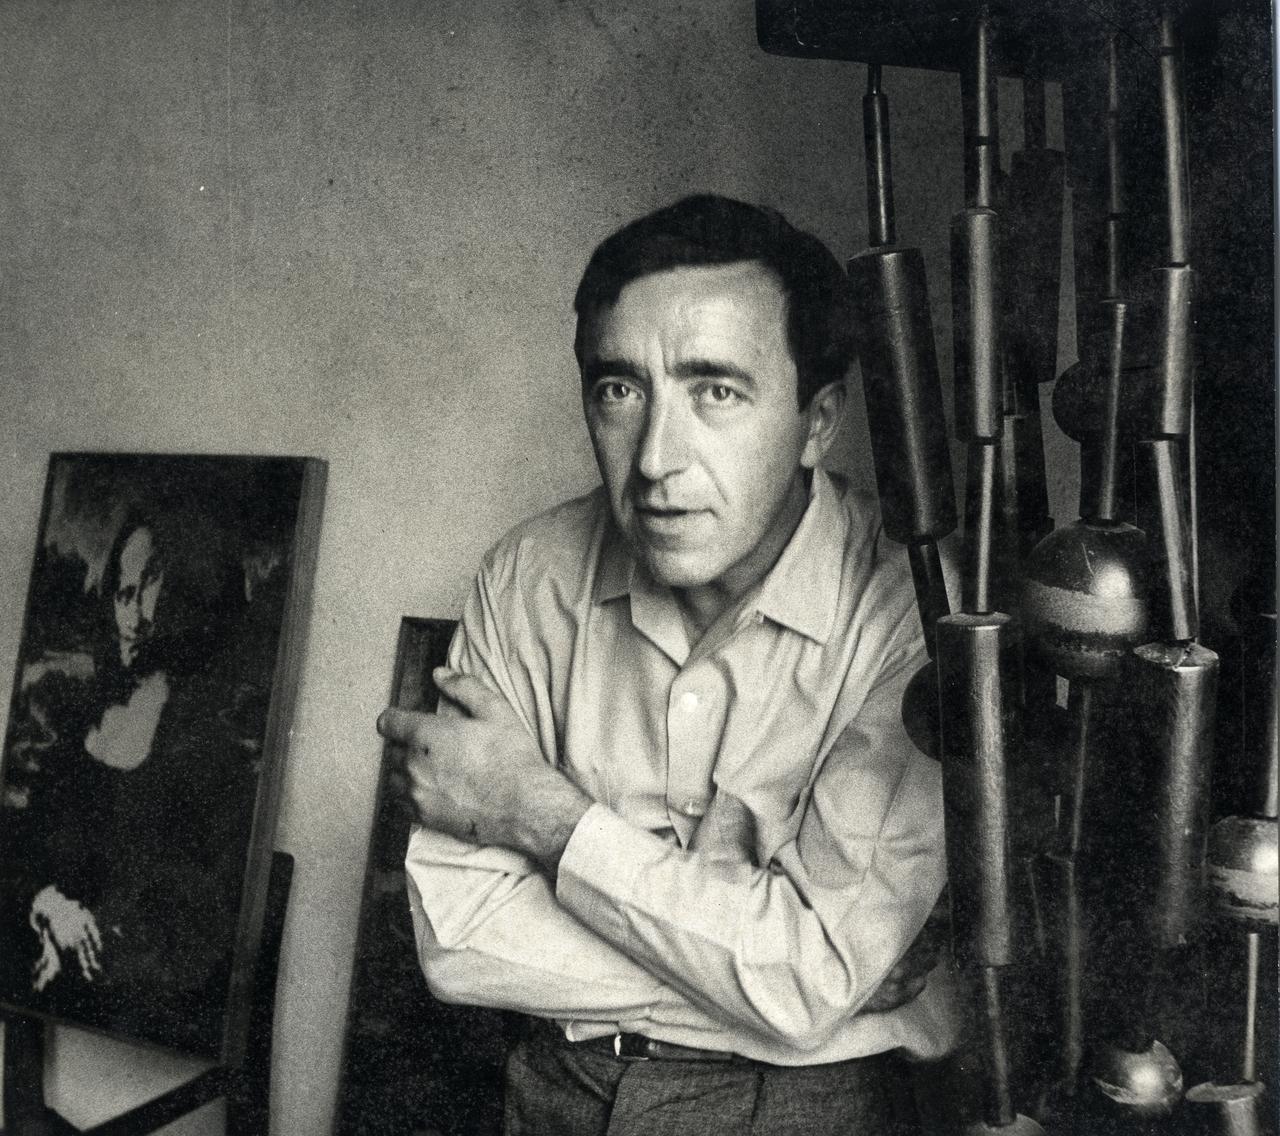 image for Bury, Pol (1922-2005)